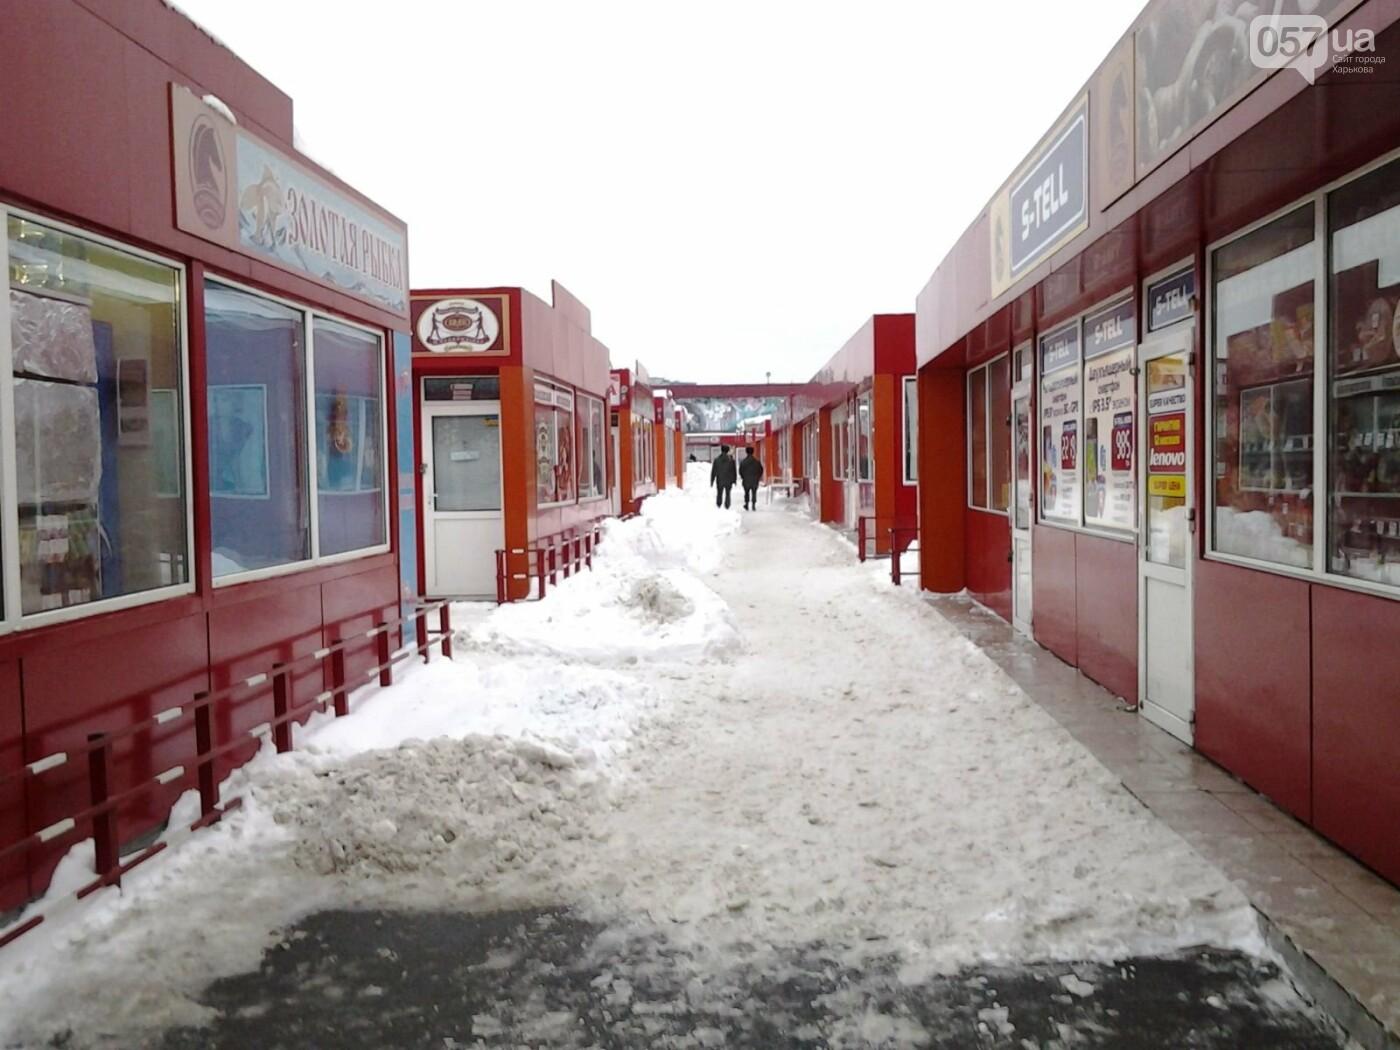 Фото: redpost.com.ua